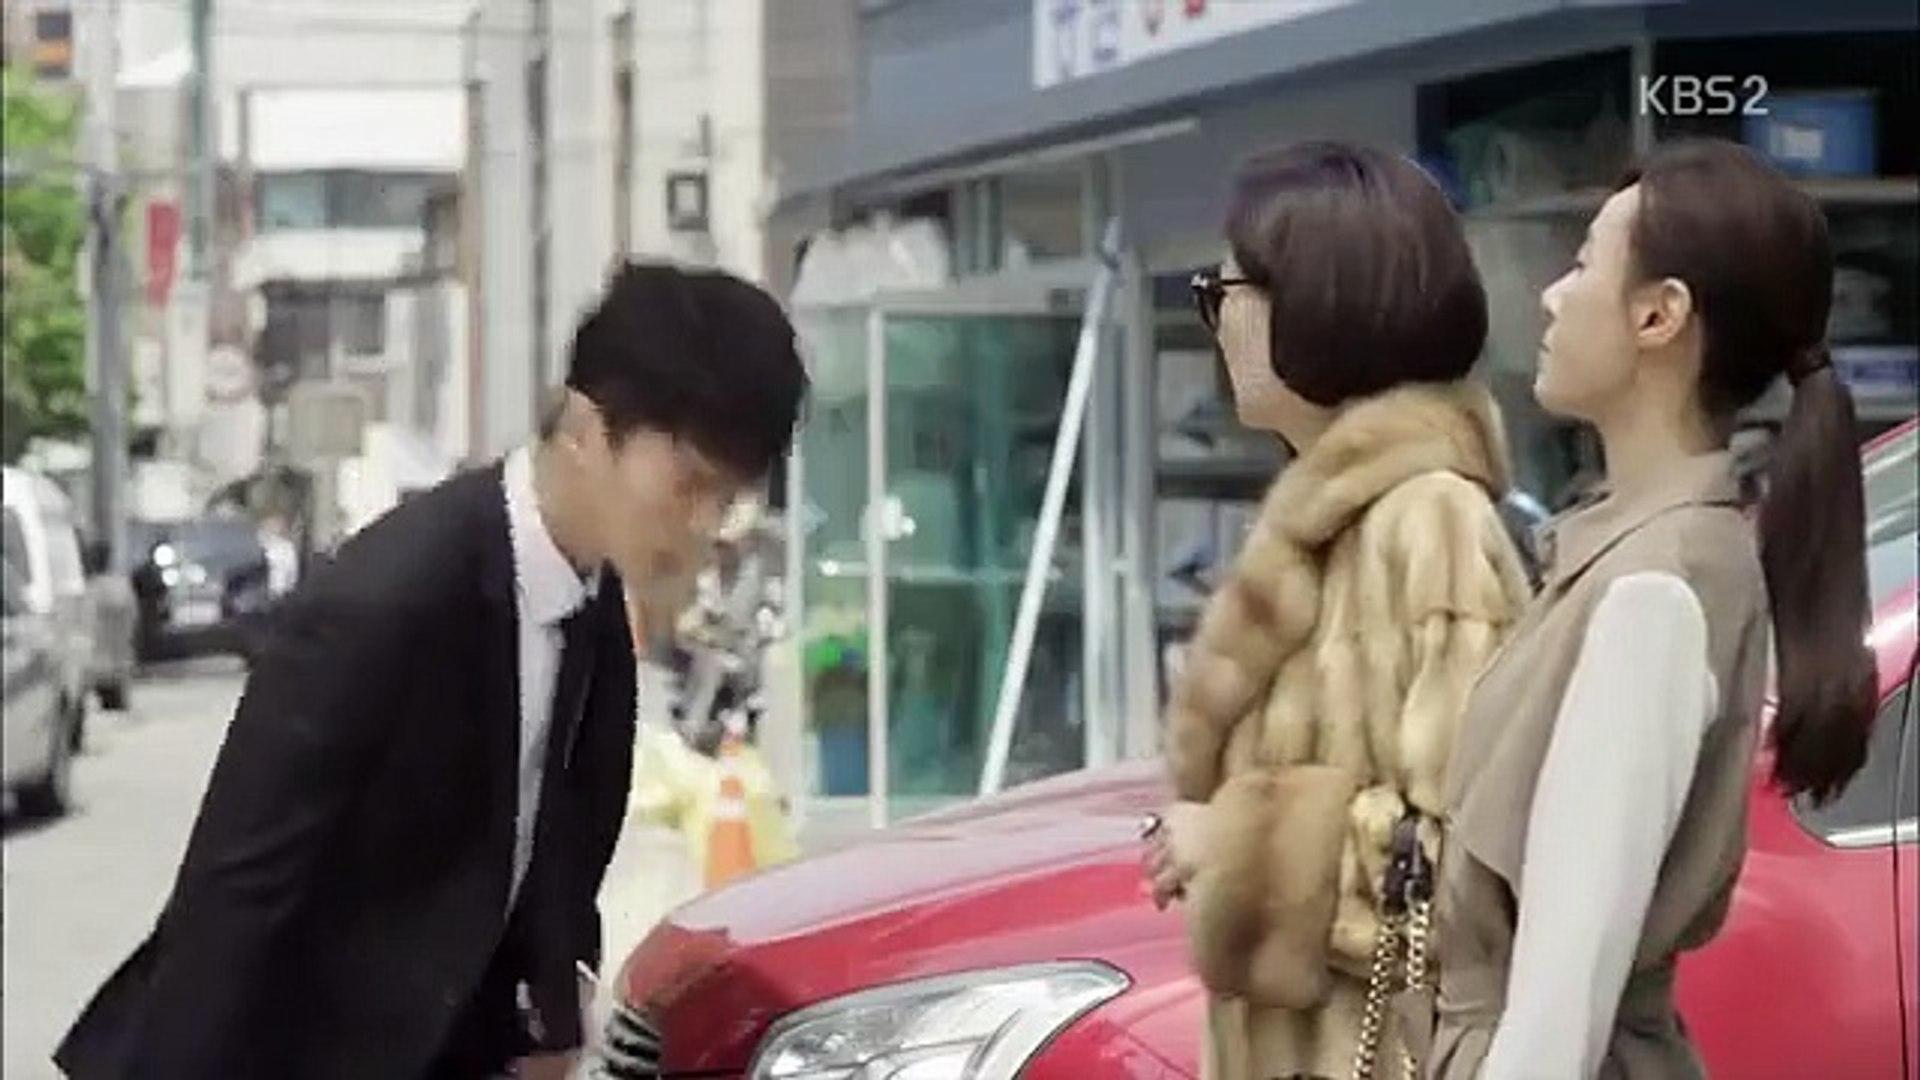 Nhà Không Cần Đàn Ông Tập 30 - HTV2 Lồng Tiếng - Phim Hàn Quốc - Phim nha khong can dan ong tap 31 -